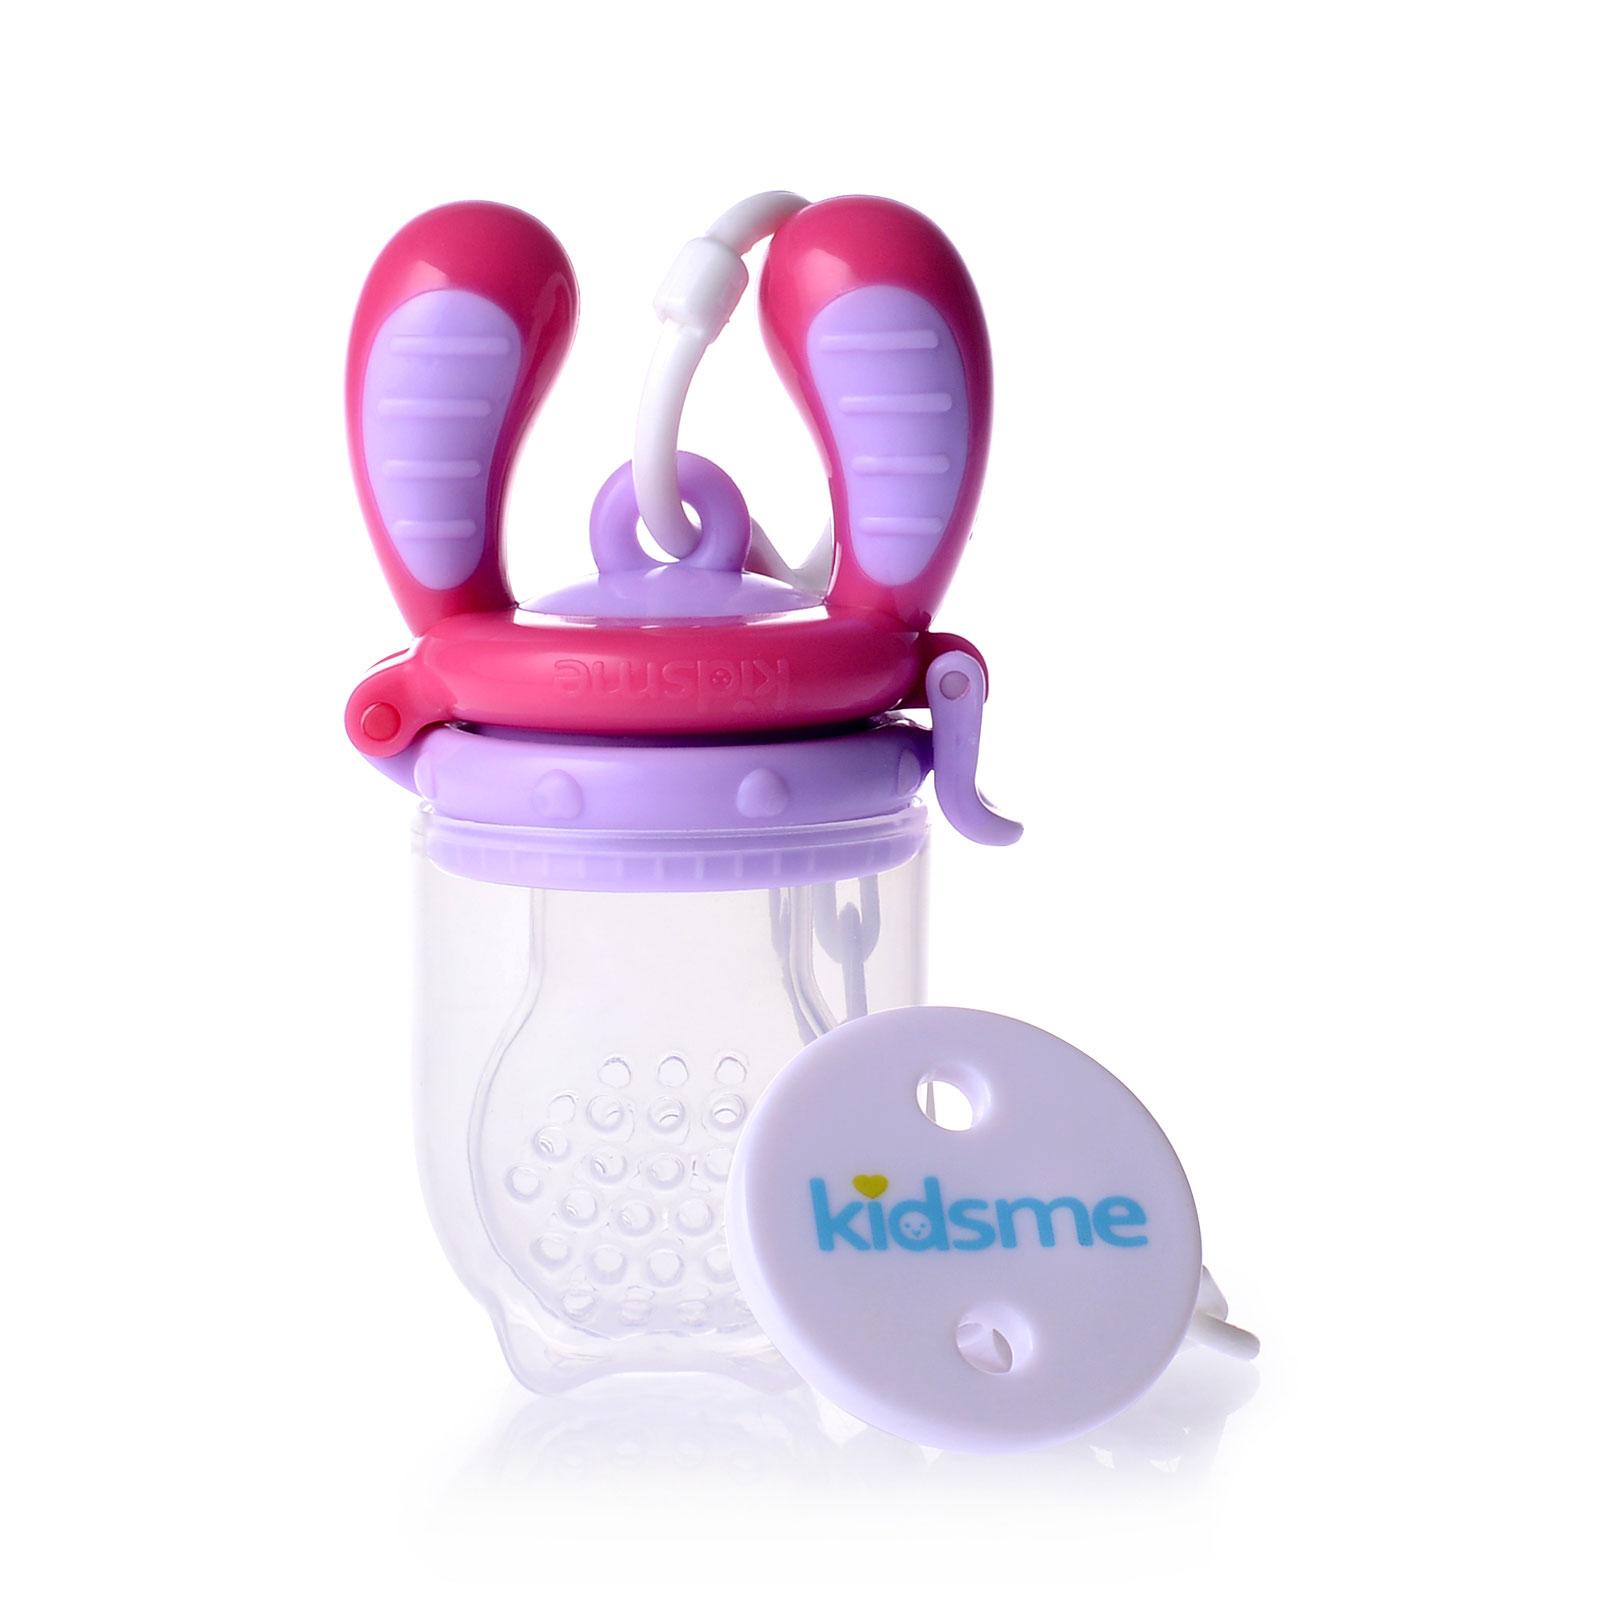 ������ Kidsme ��� ����� ������� ������ L (� 6 ���)